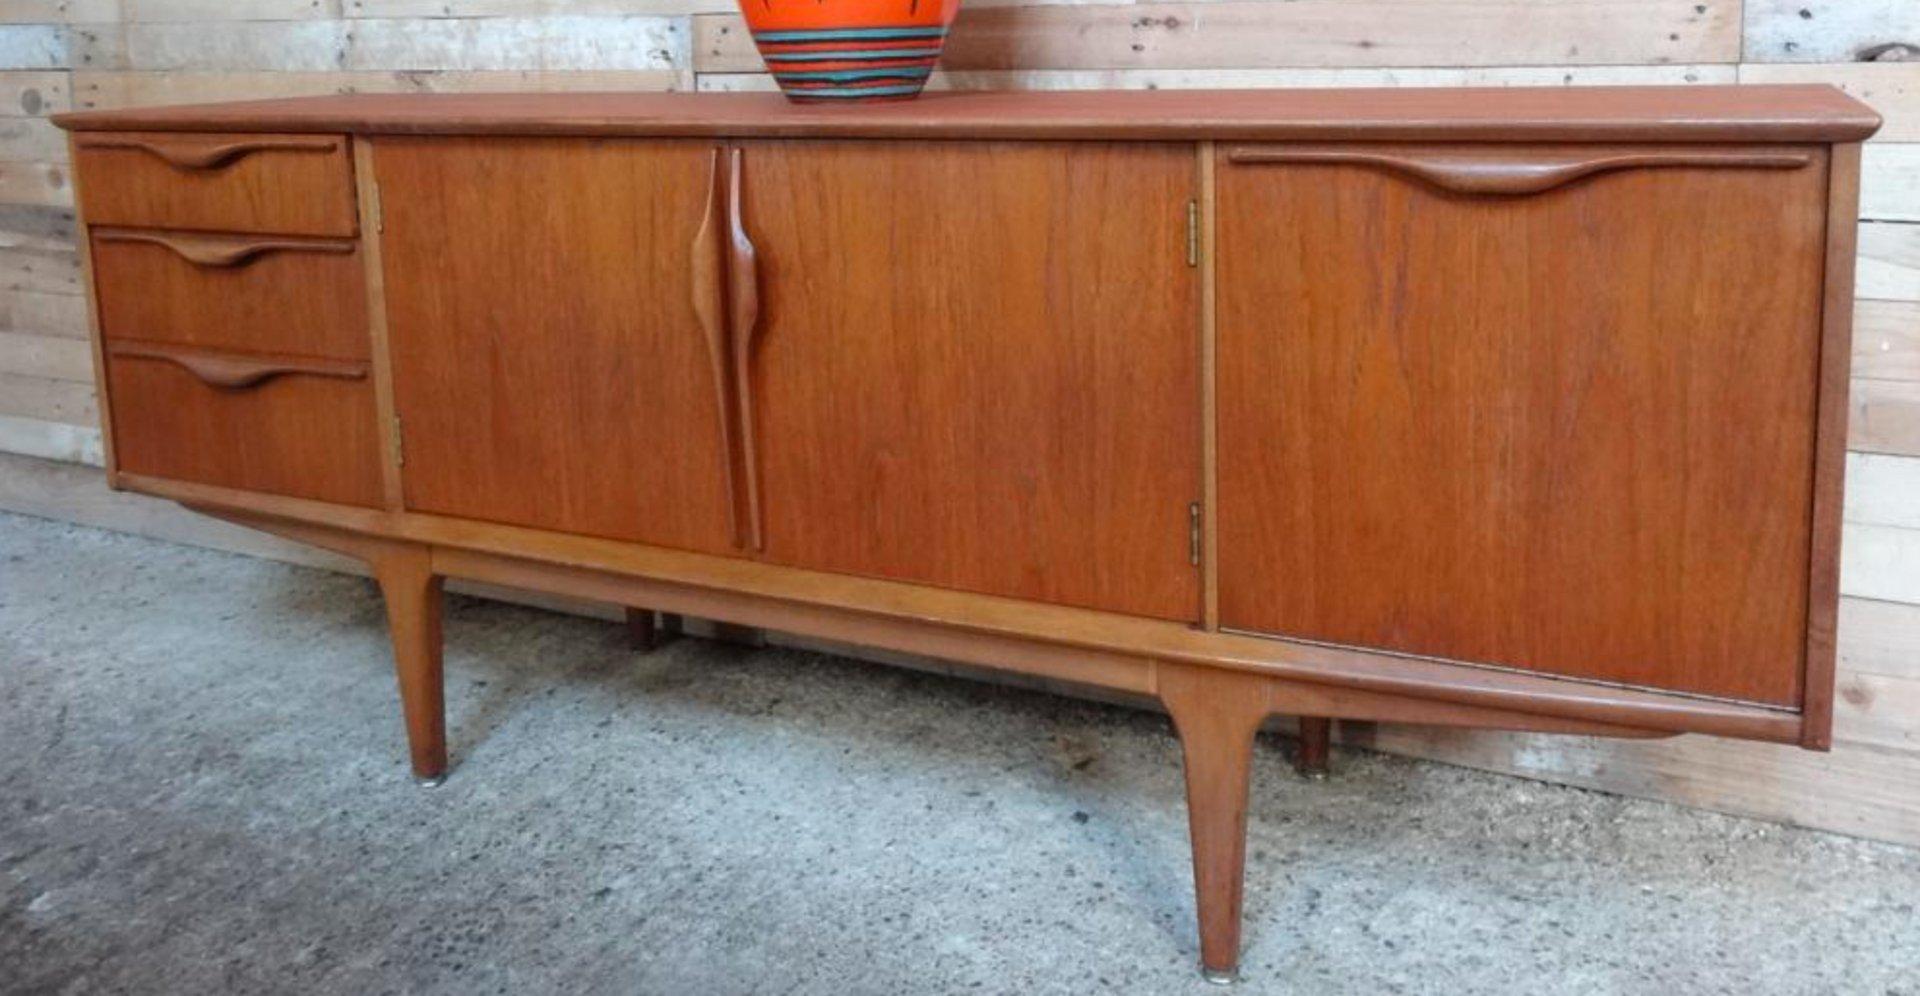 gro es teak sideboard von jentique 1960er bei pamono kaufen. Black Bedroom Furniture Sets. Home Design Ideas